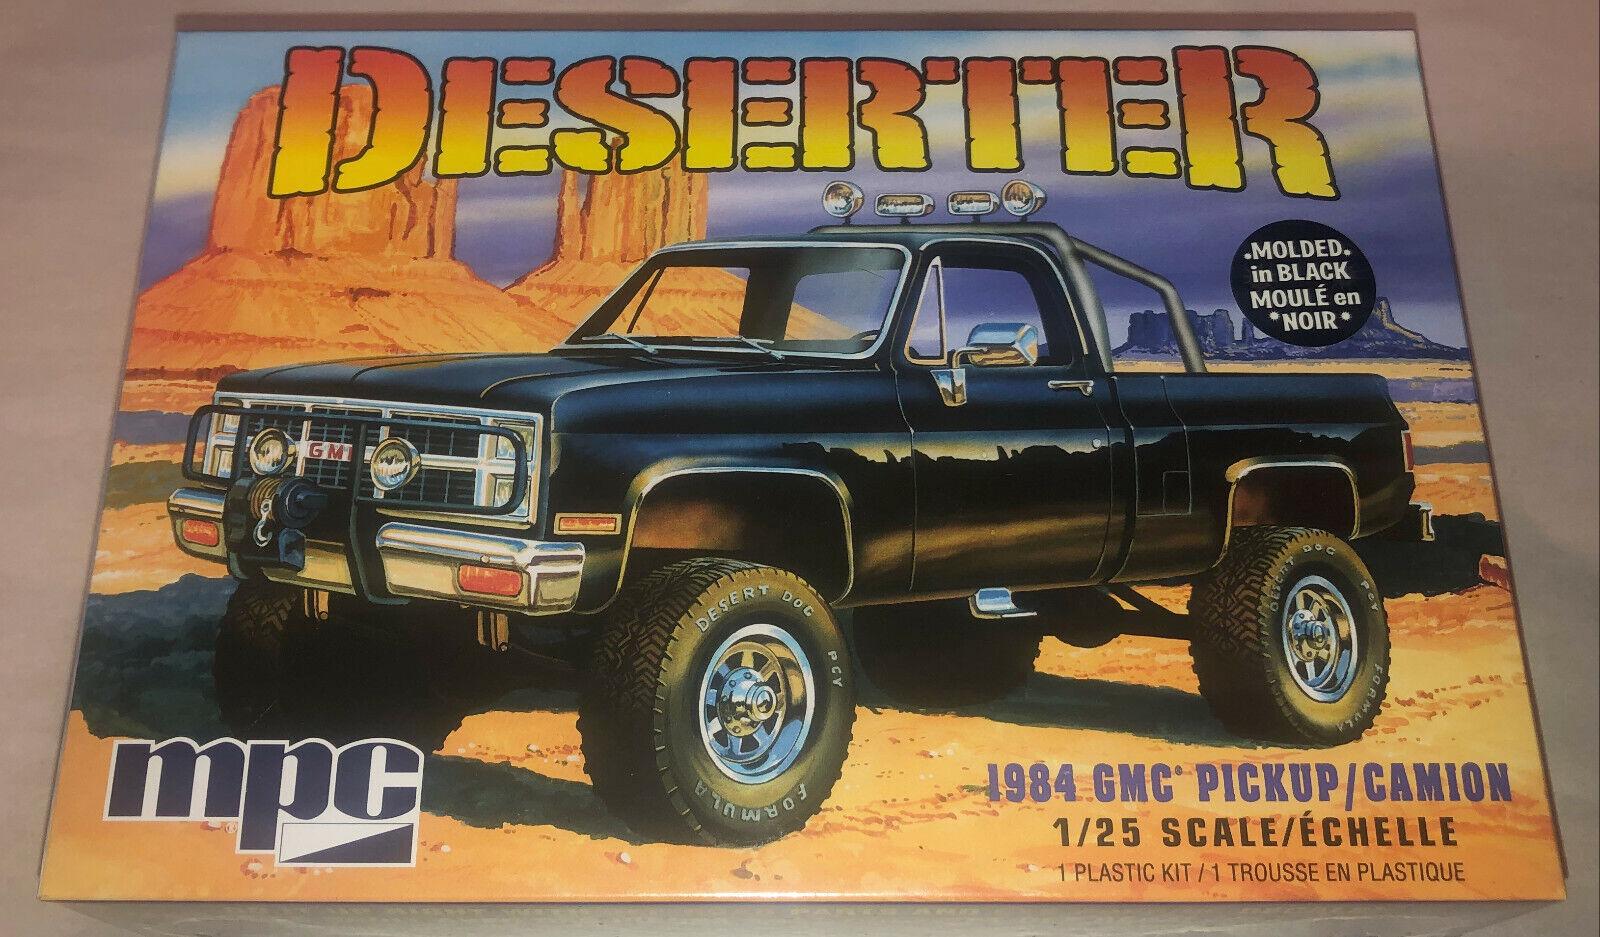 Mpc Monster Datsun Truck 4 X 4 Wrecker Model Kit 1 0454 1984 For Sale Online Ebay